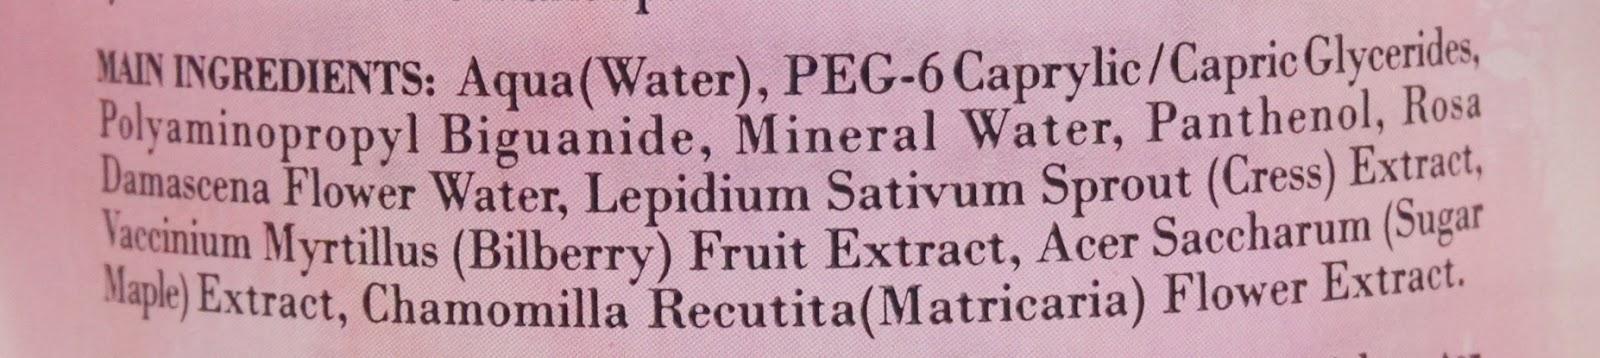 รีวิว Nu Formula Mineral Cleansing Water เคล็นซิ่งวอเตอร์สูตรน้ำเช็ดแล้วหน้าสะอาด แม้ผิวแพ้ง่าย Review Micellar